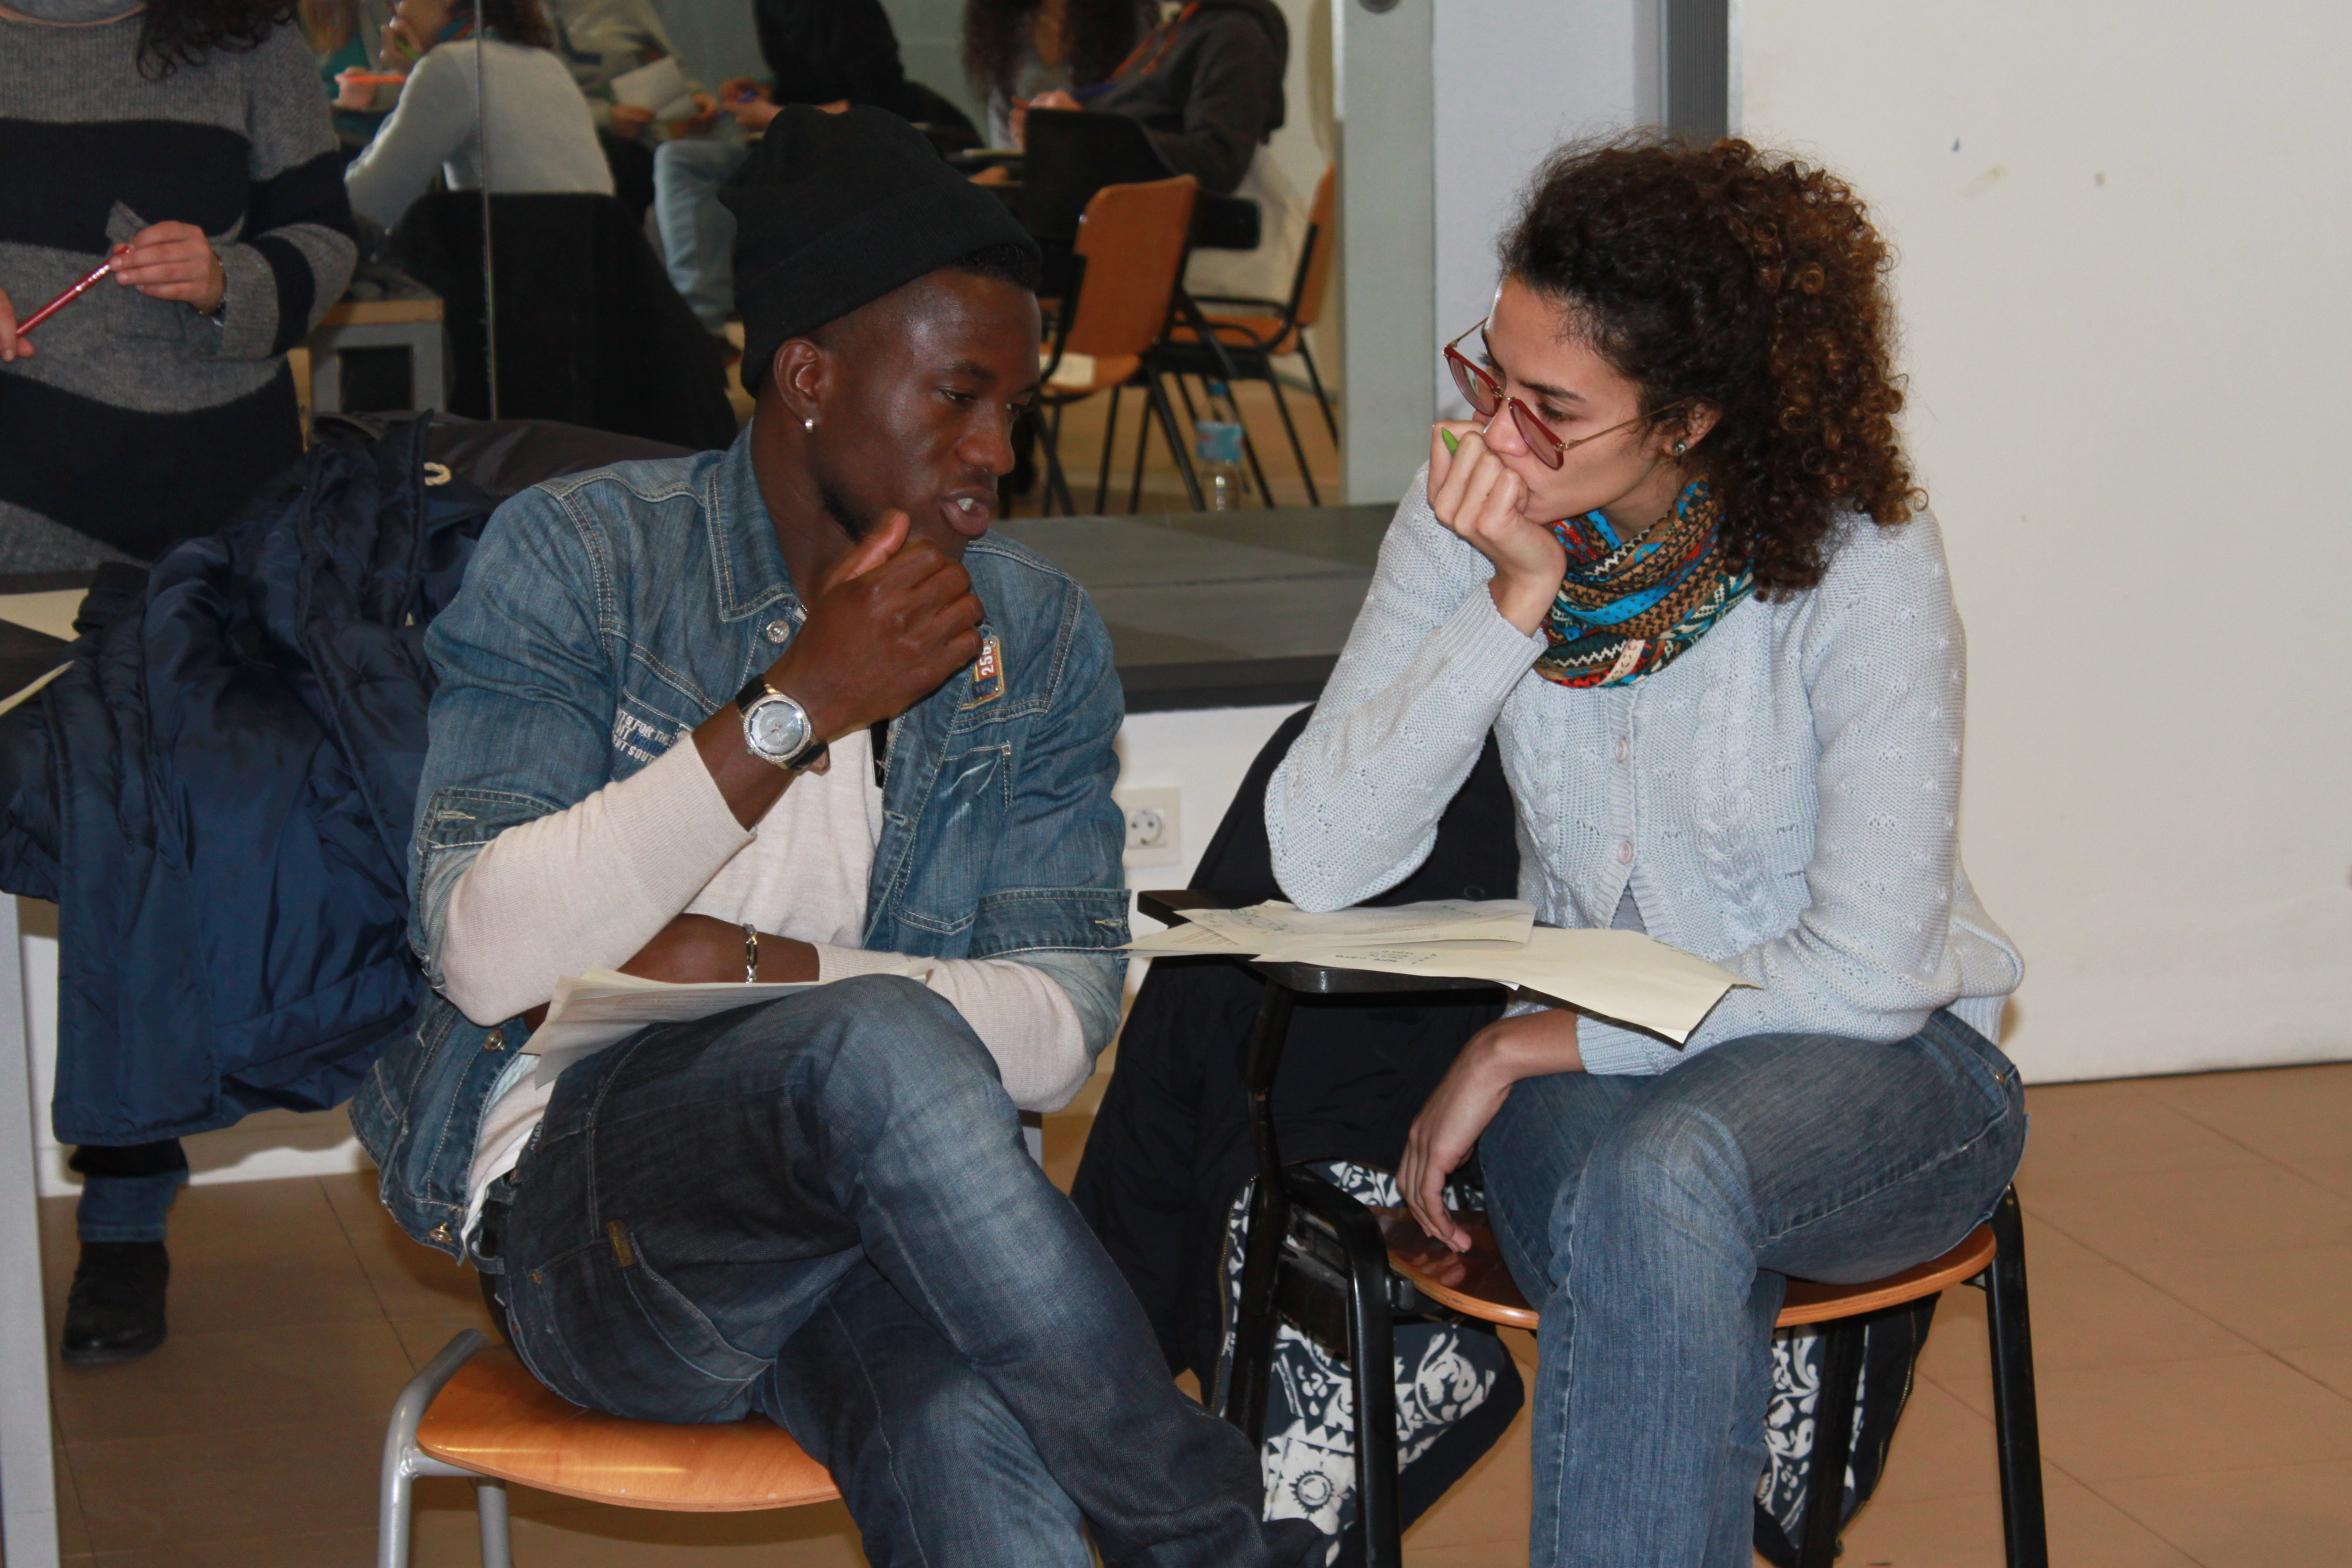 Las organizaciones socias de La Liga Iberoamericana apuestan por los jóvenes en sus proyectos.